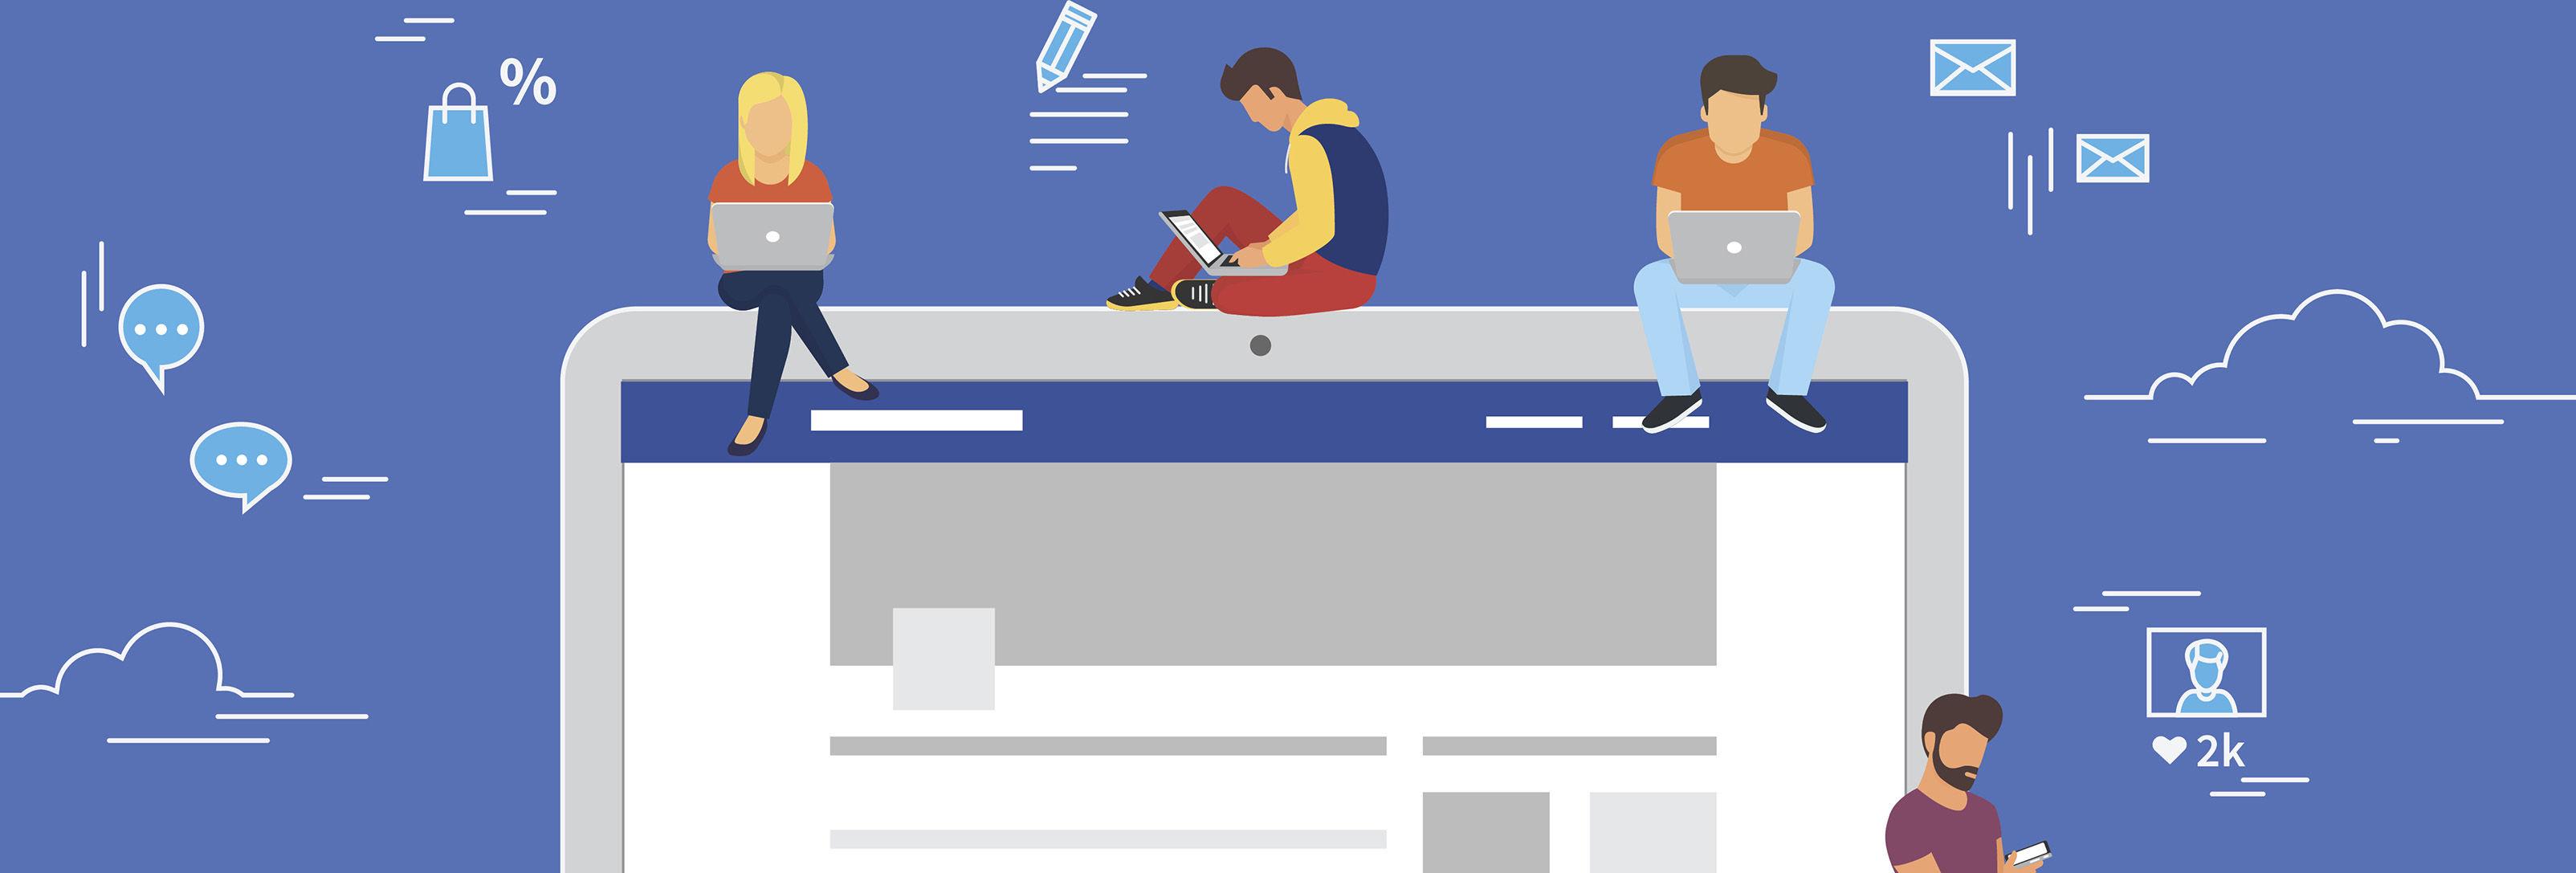 لینک کردن سایت به شبکه های اجتماعی